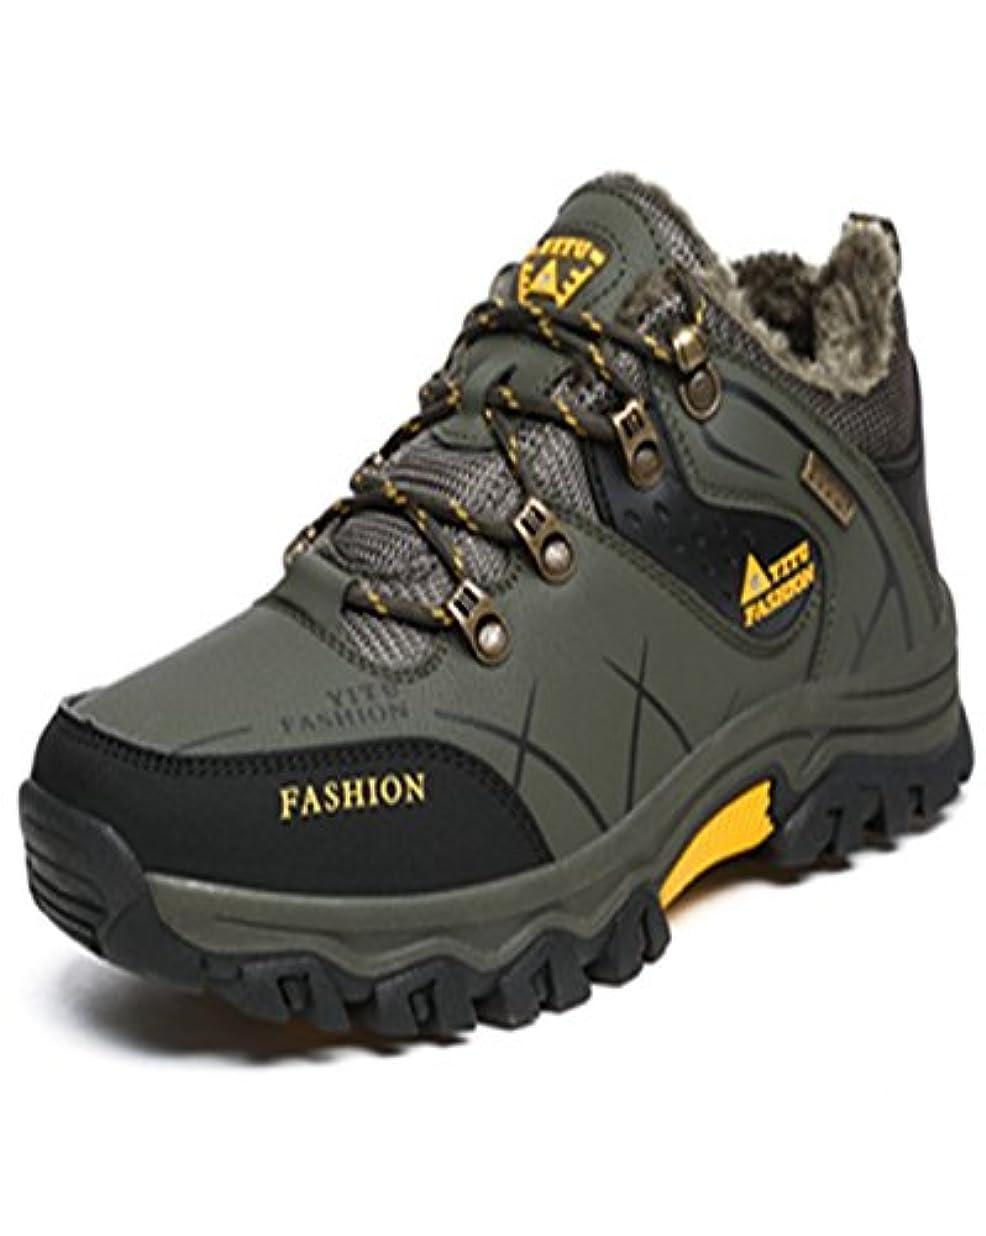 ドナウ川サミュエルバーストレッキングシューズ 登山靴 メンズ  ハイキングシューズ 防水 防滑 ウォーキングシューズ アウトドア トラベル ハイカット キャンプ シューズ 暖かい靴 大きいサイズ クッション性/通気性  グリン裏起毛 25.0CM